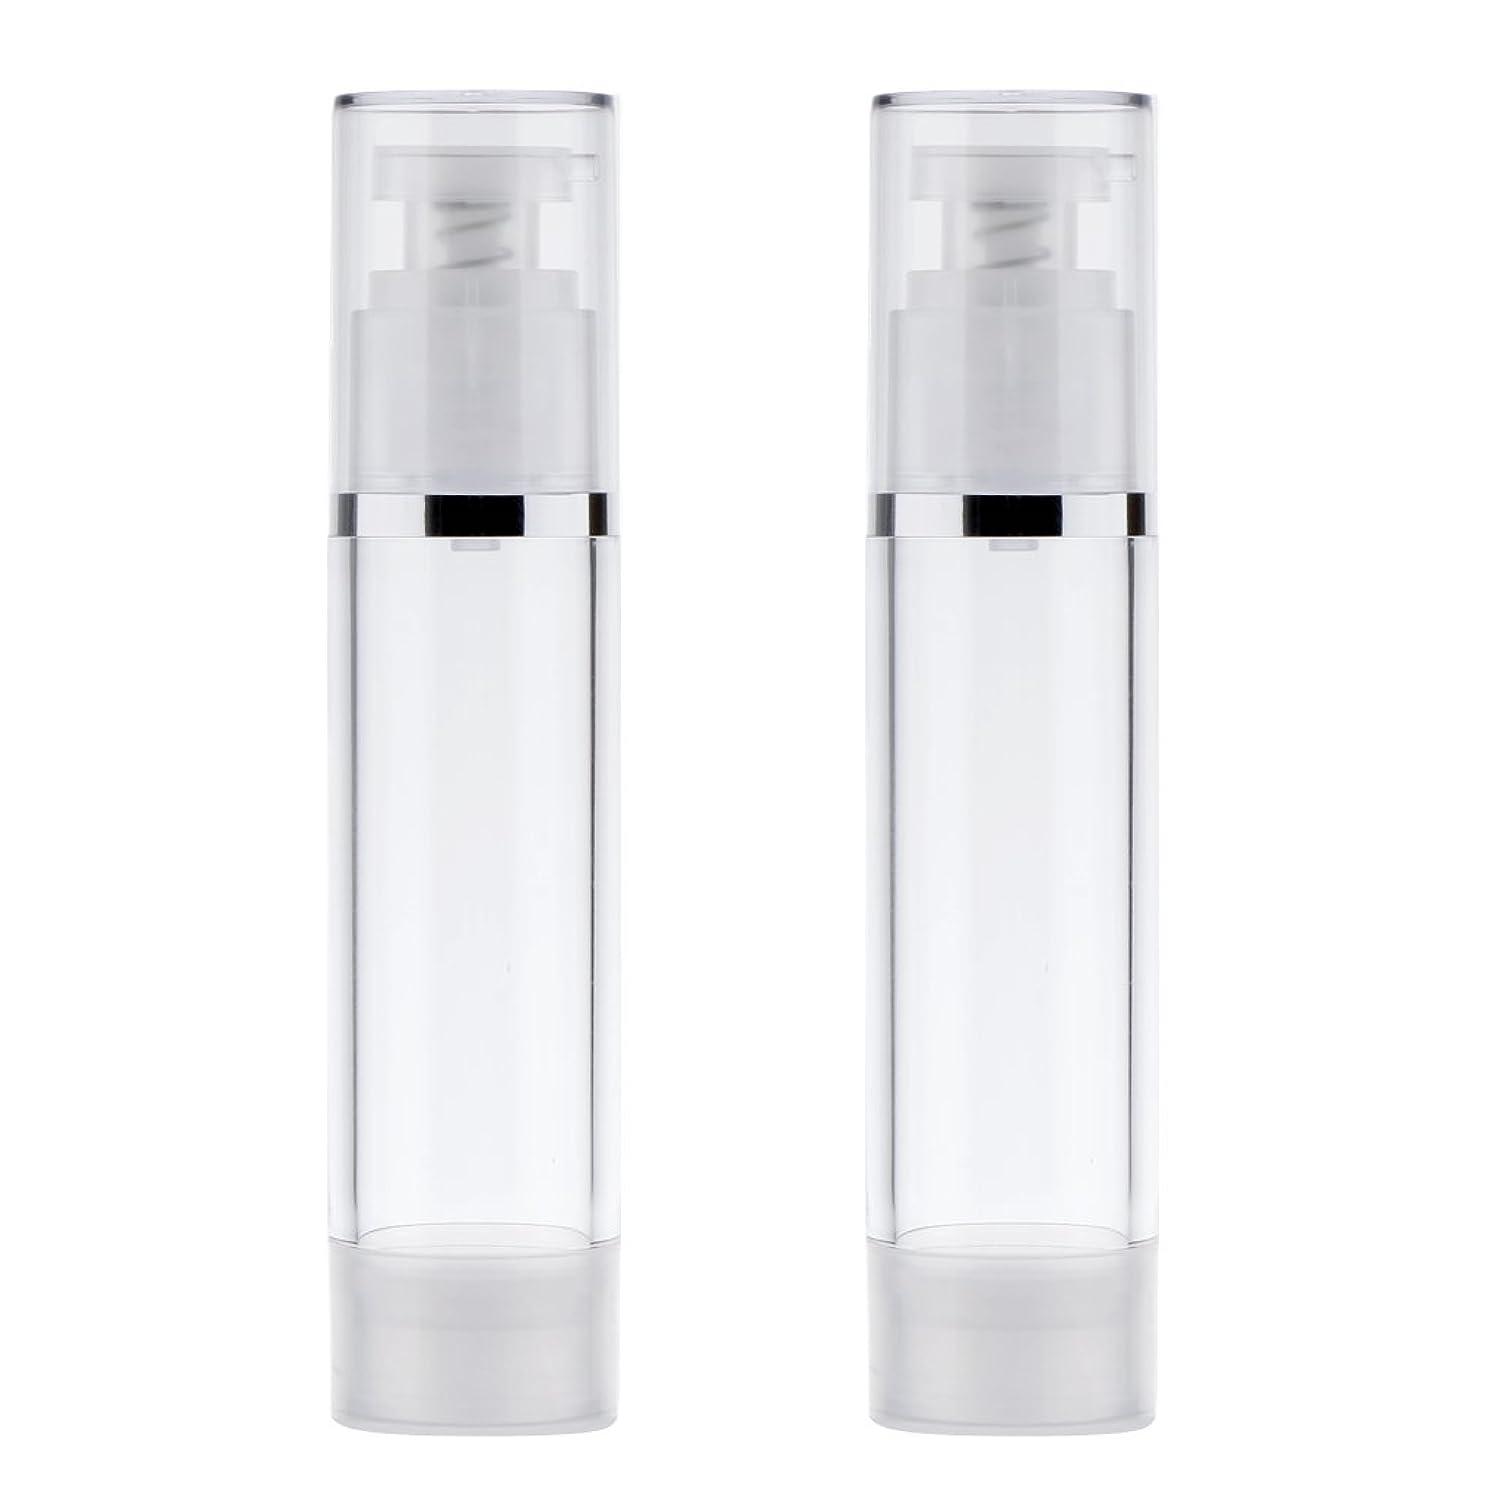 加入フォアタイプ有利Blesiya 2個 ポンプボトル ディスペンサー 詰め替え可 化粧品 クリーム ローション ポンプチューブ エアレスボトル 収納用 容器 3サイズ選べる - 50ml